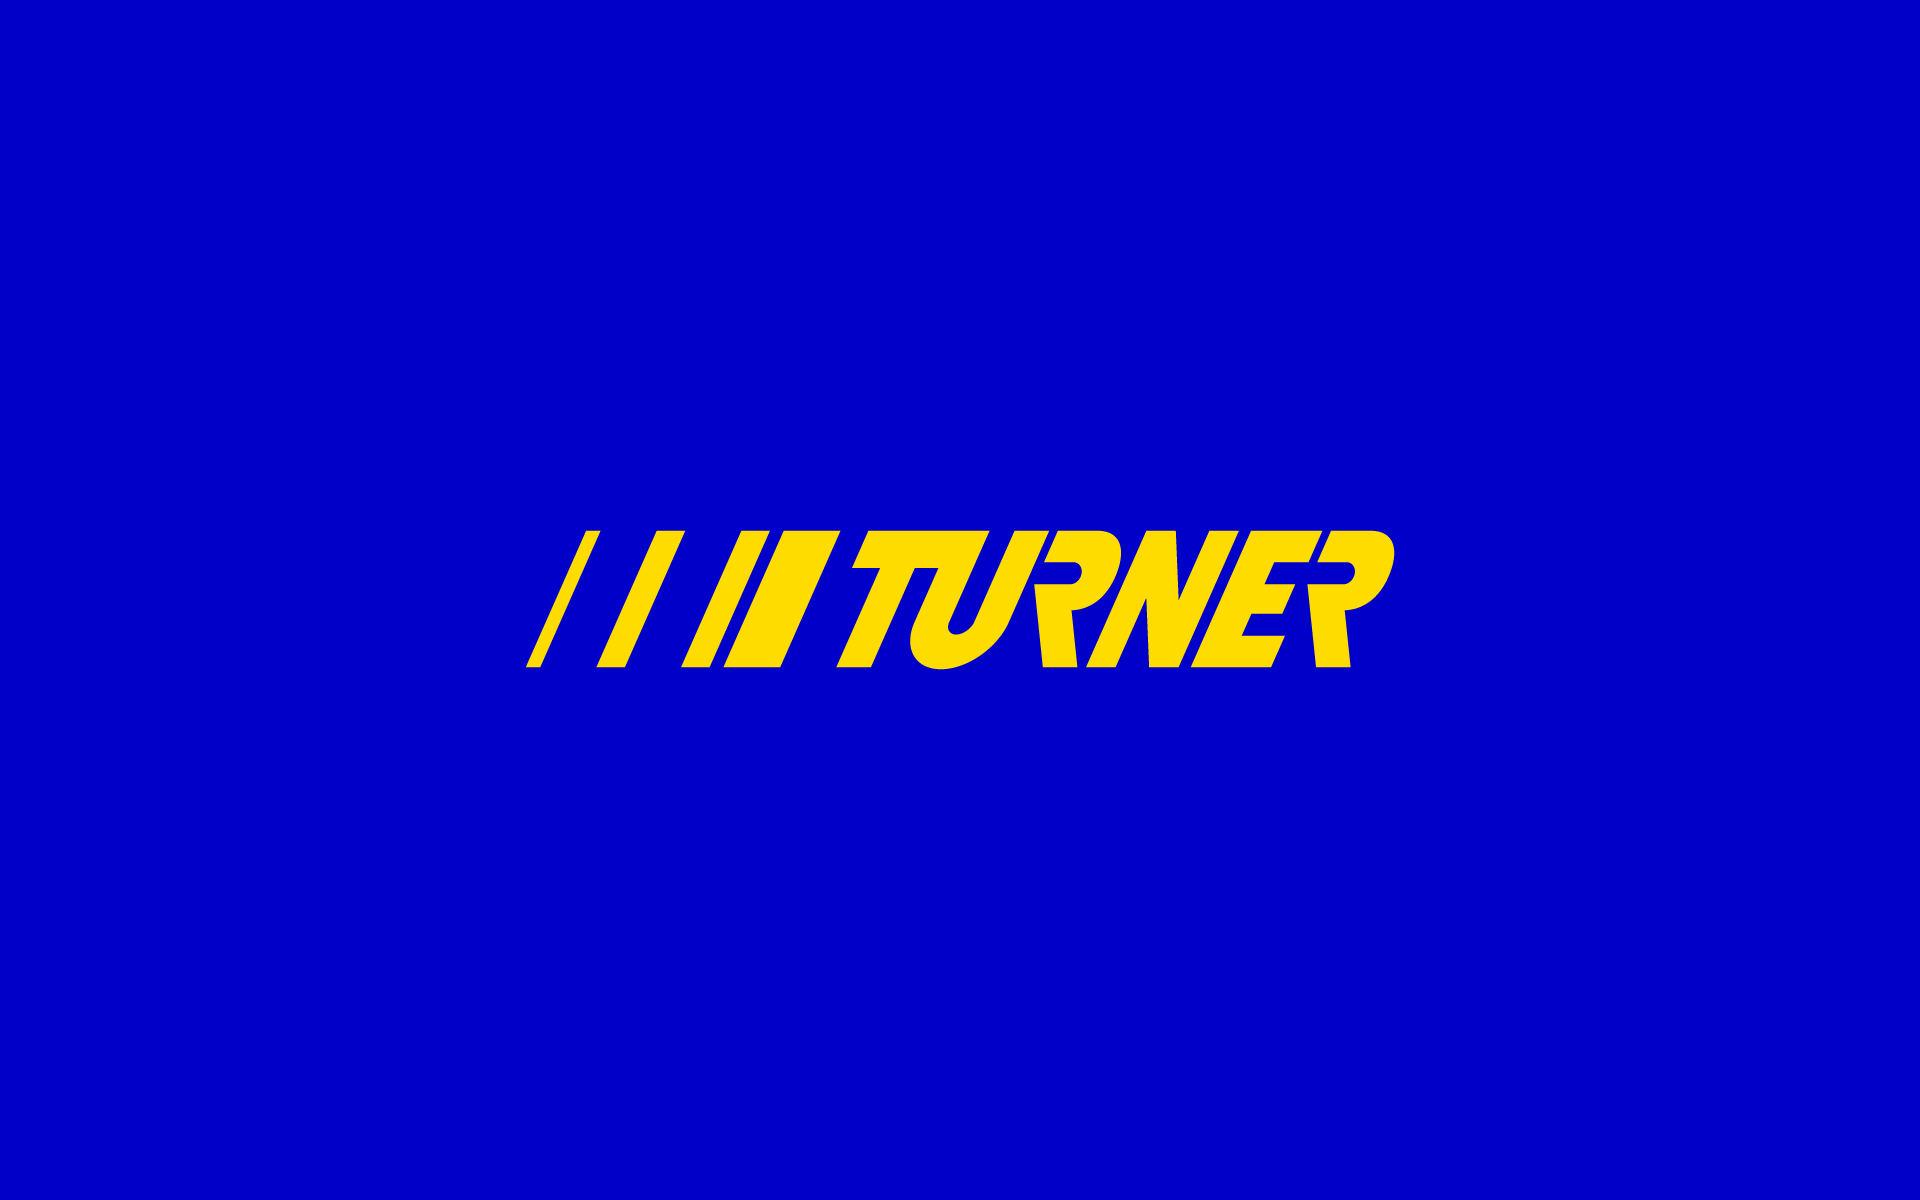 Turner Motorsport Brand Identity